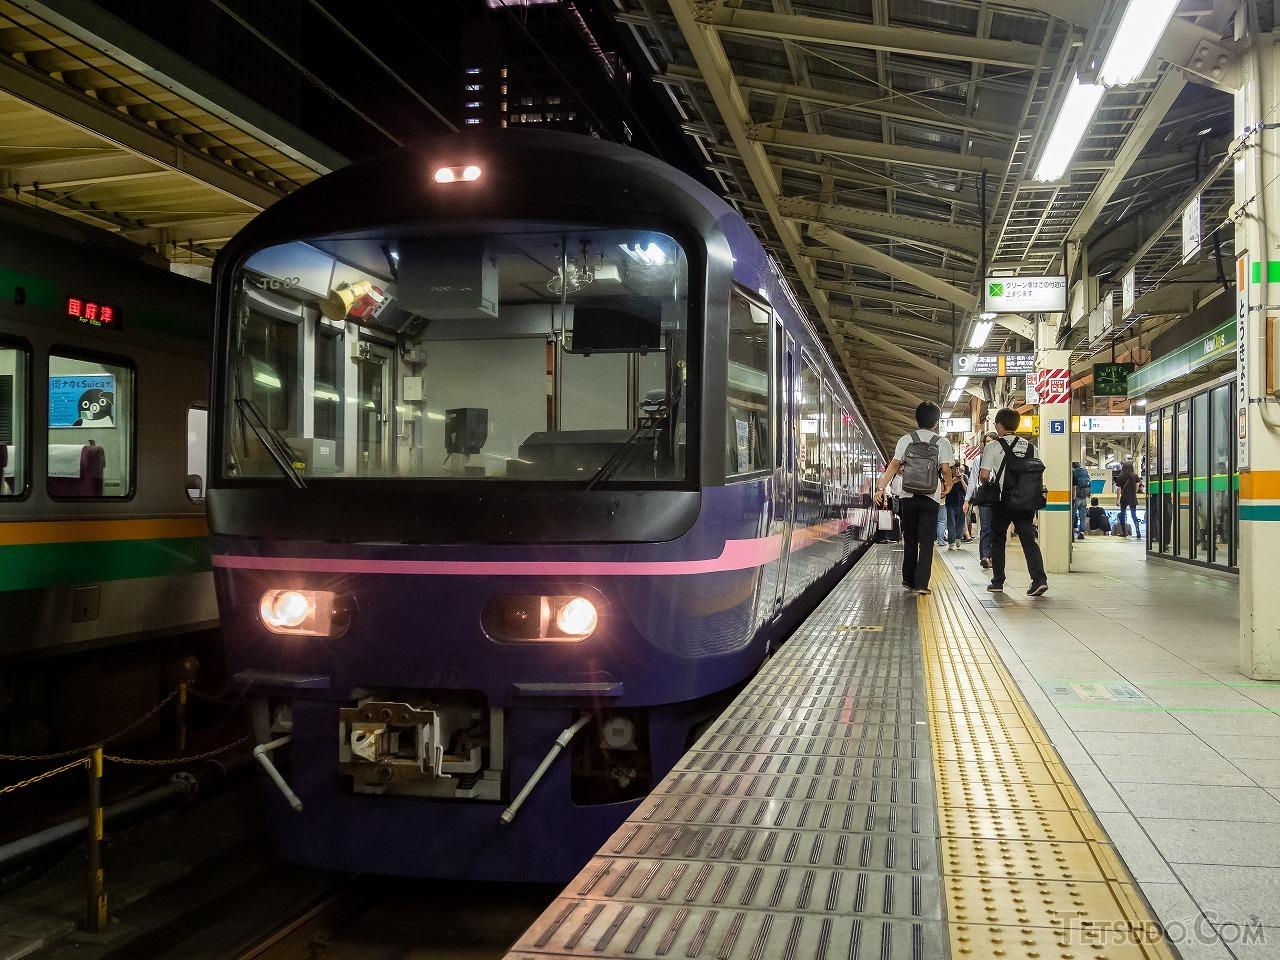 東京駅9番ホームに入線したお座敷列車「華」。JR東日本の車両ですが、何度かイベント列車としてJR東海の区間に入線しています